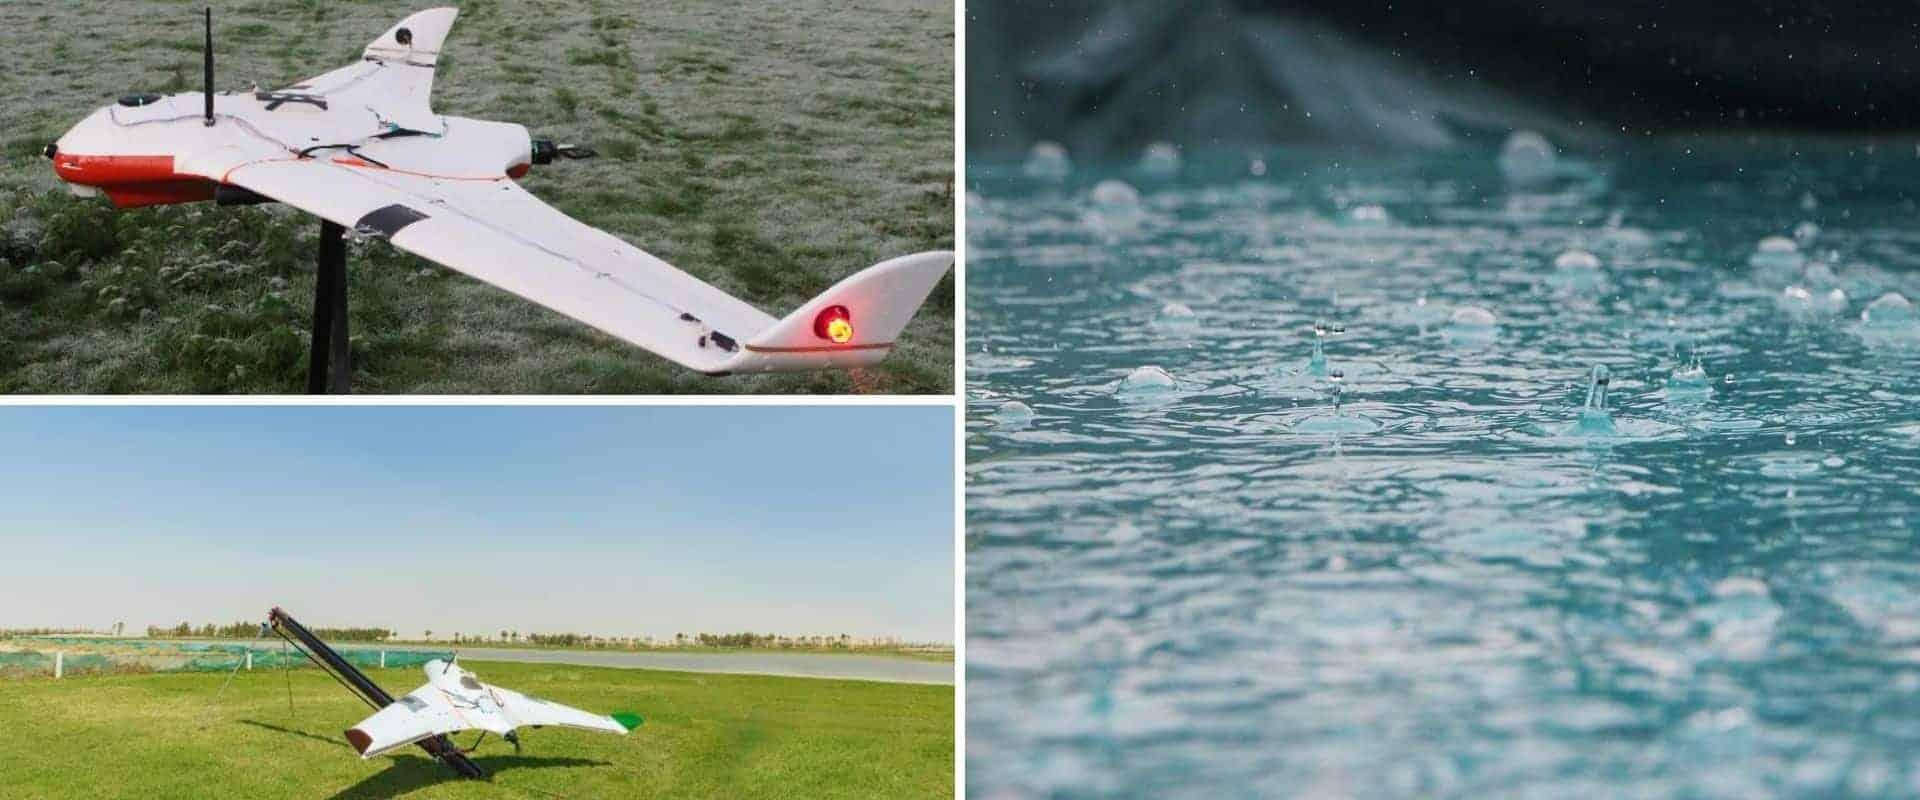 Científicos están utilizando drones para controlar el clima y generar lluvias